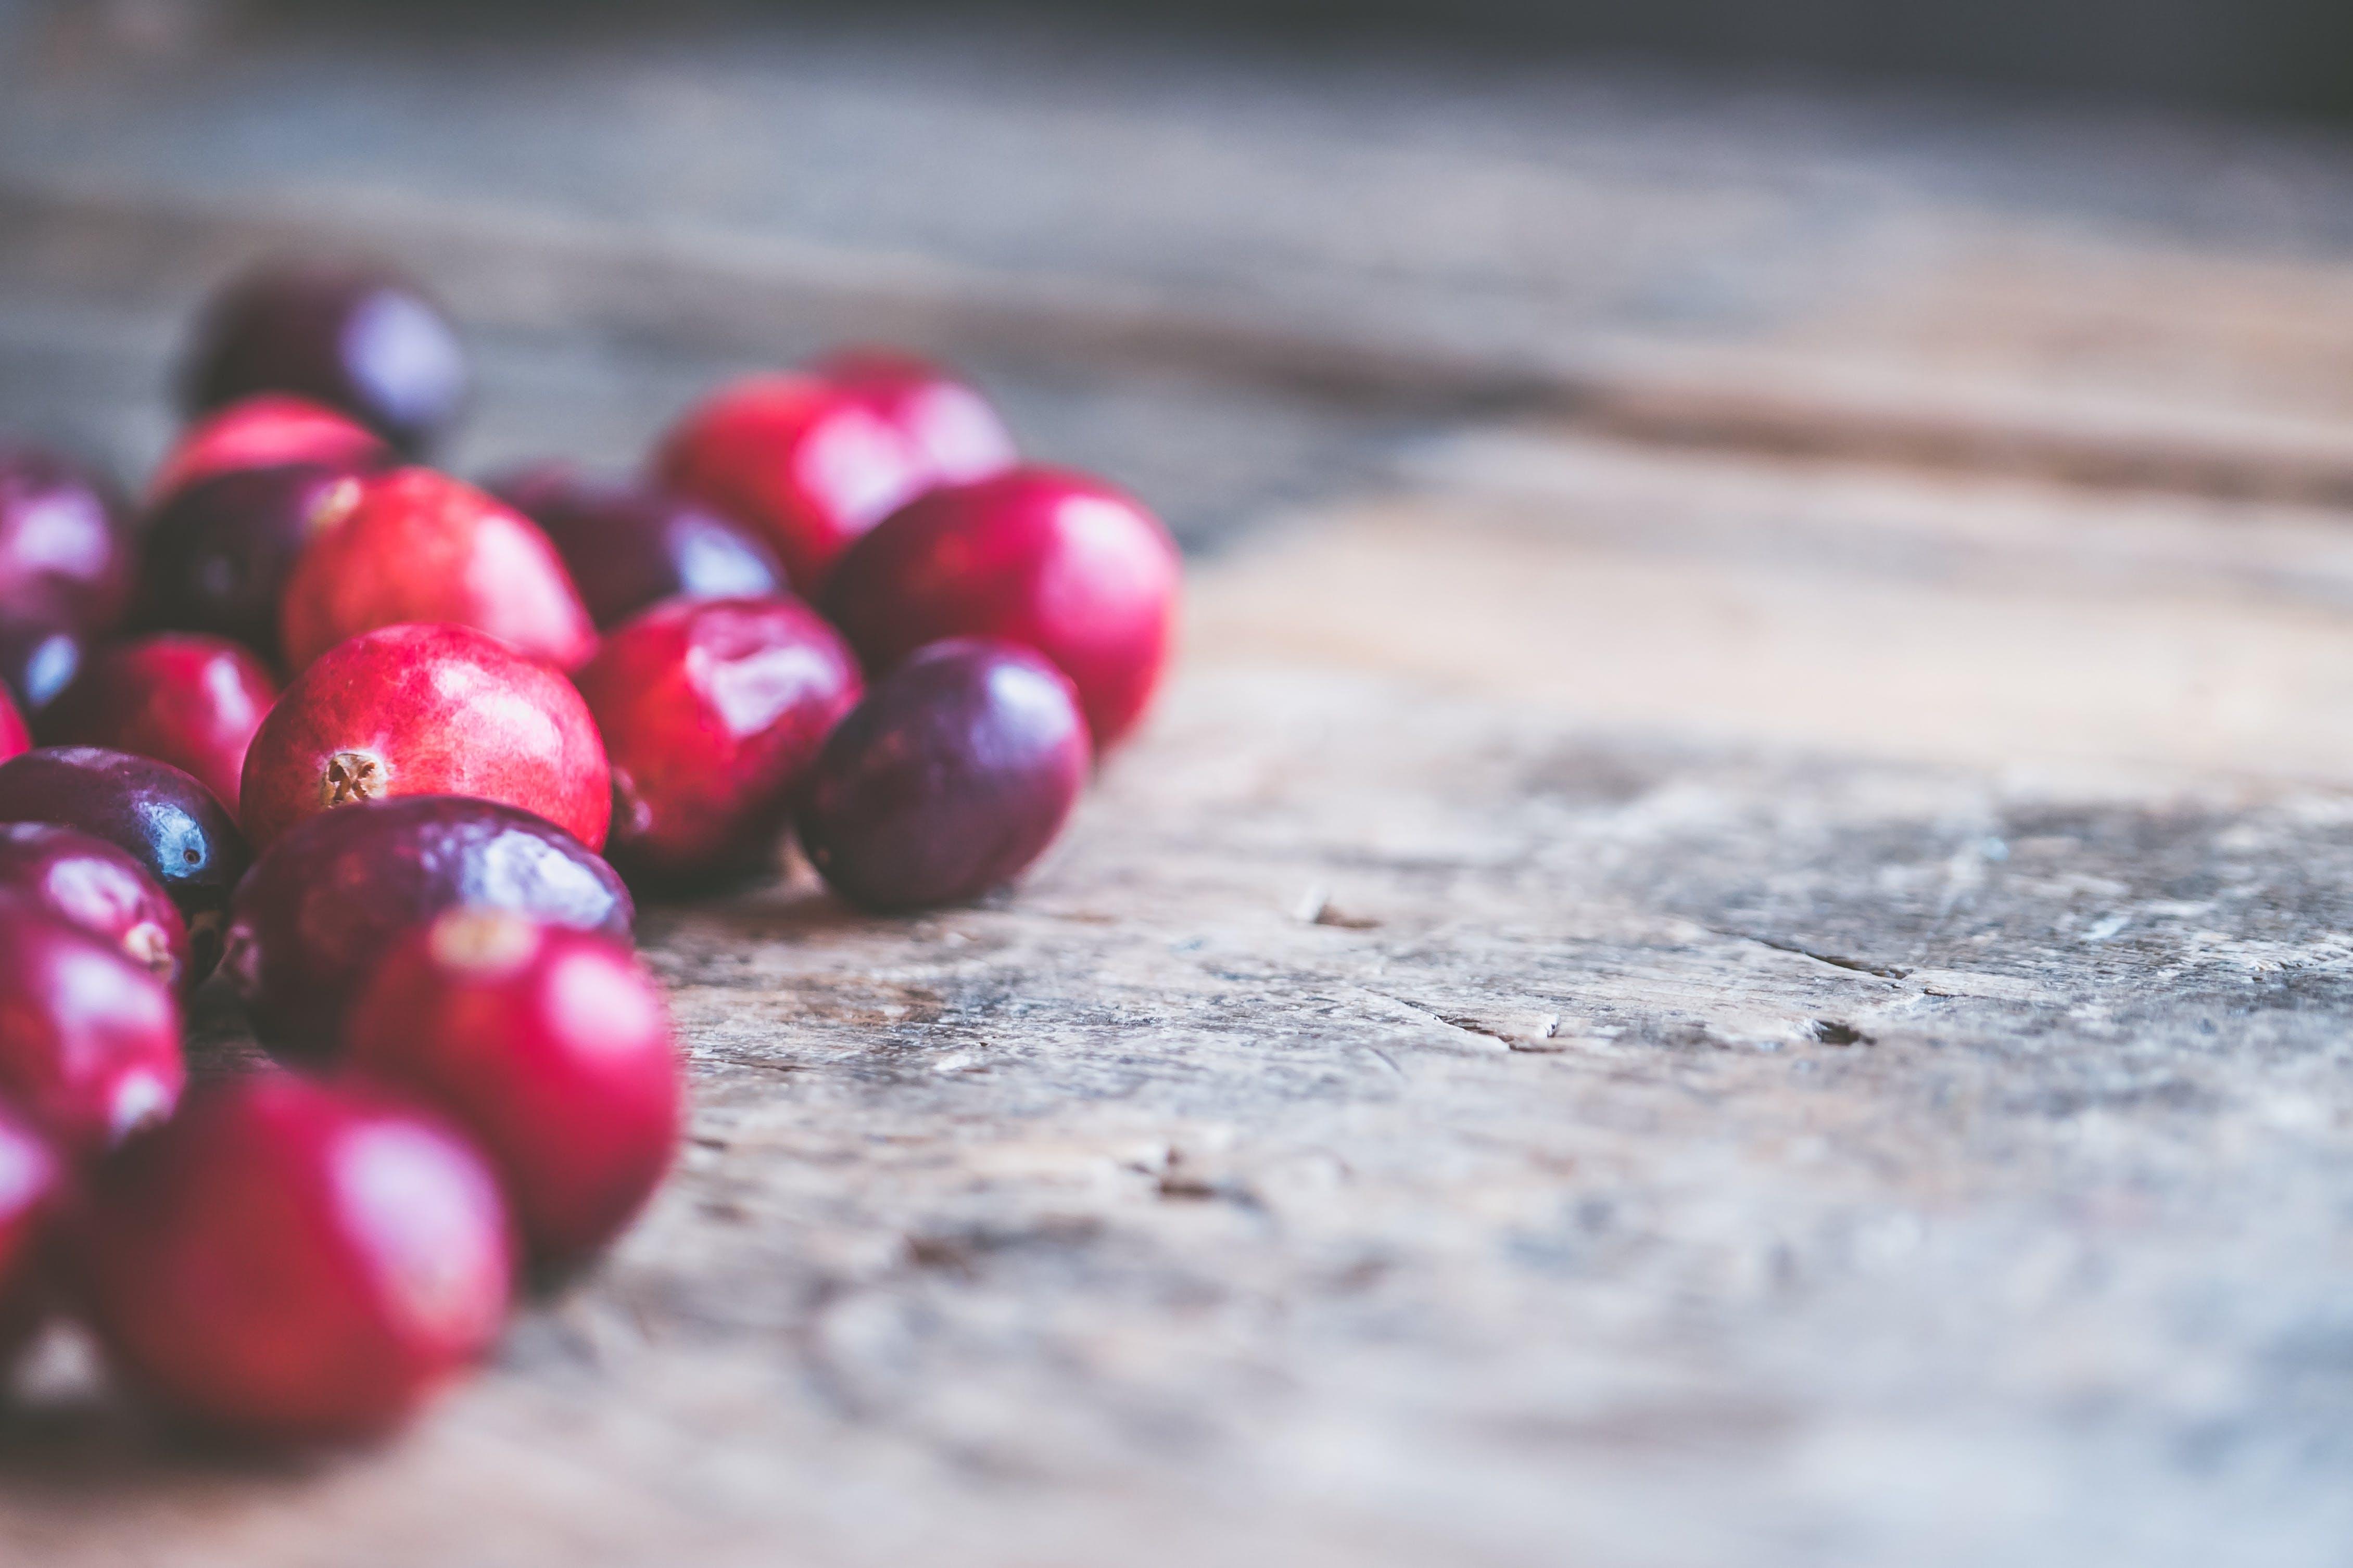 ahşap yüzey, bulanıklık, kahve çekirdekleri, konsantre olmak içeren Ücretsiz stok fotoğraf